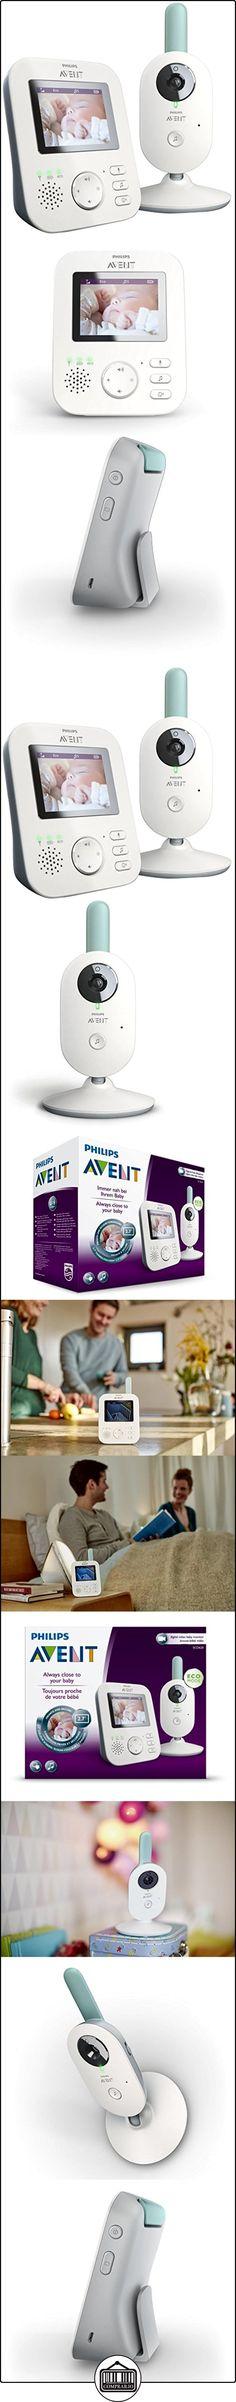 Philips Avent SCD620/01 - Vigilabebés con cámara, alcance de 300 m, pantalla LCD de 2.7 pulgadas, color blanco  ✿ Vigilabebés - Seguridad ✿ ▬► Ver oferta: http://comprar.io/goto/B01F6ZEU2C